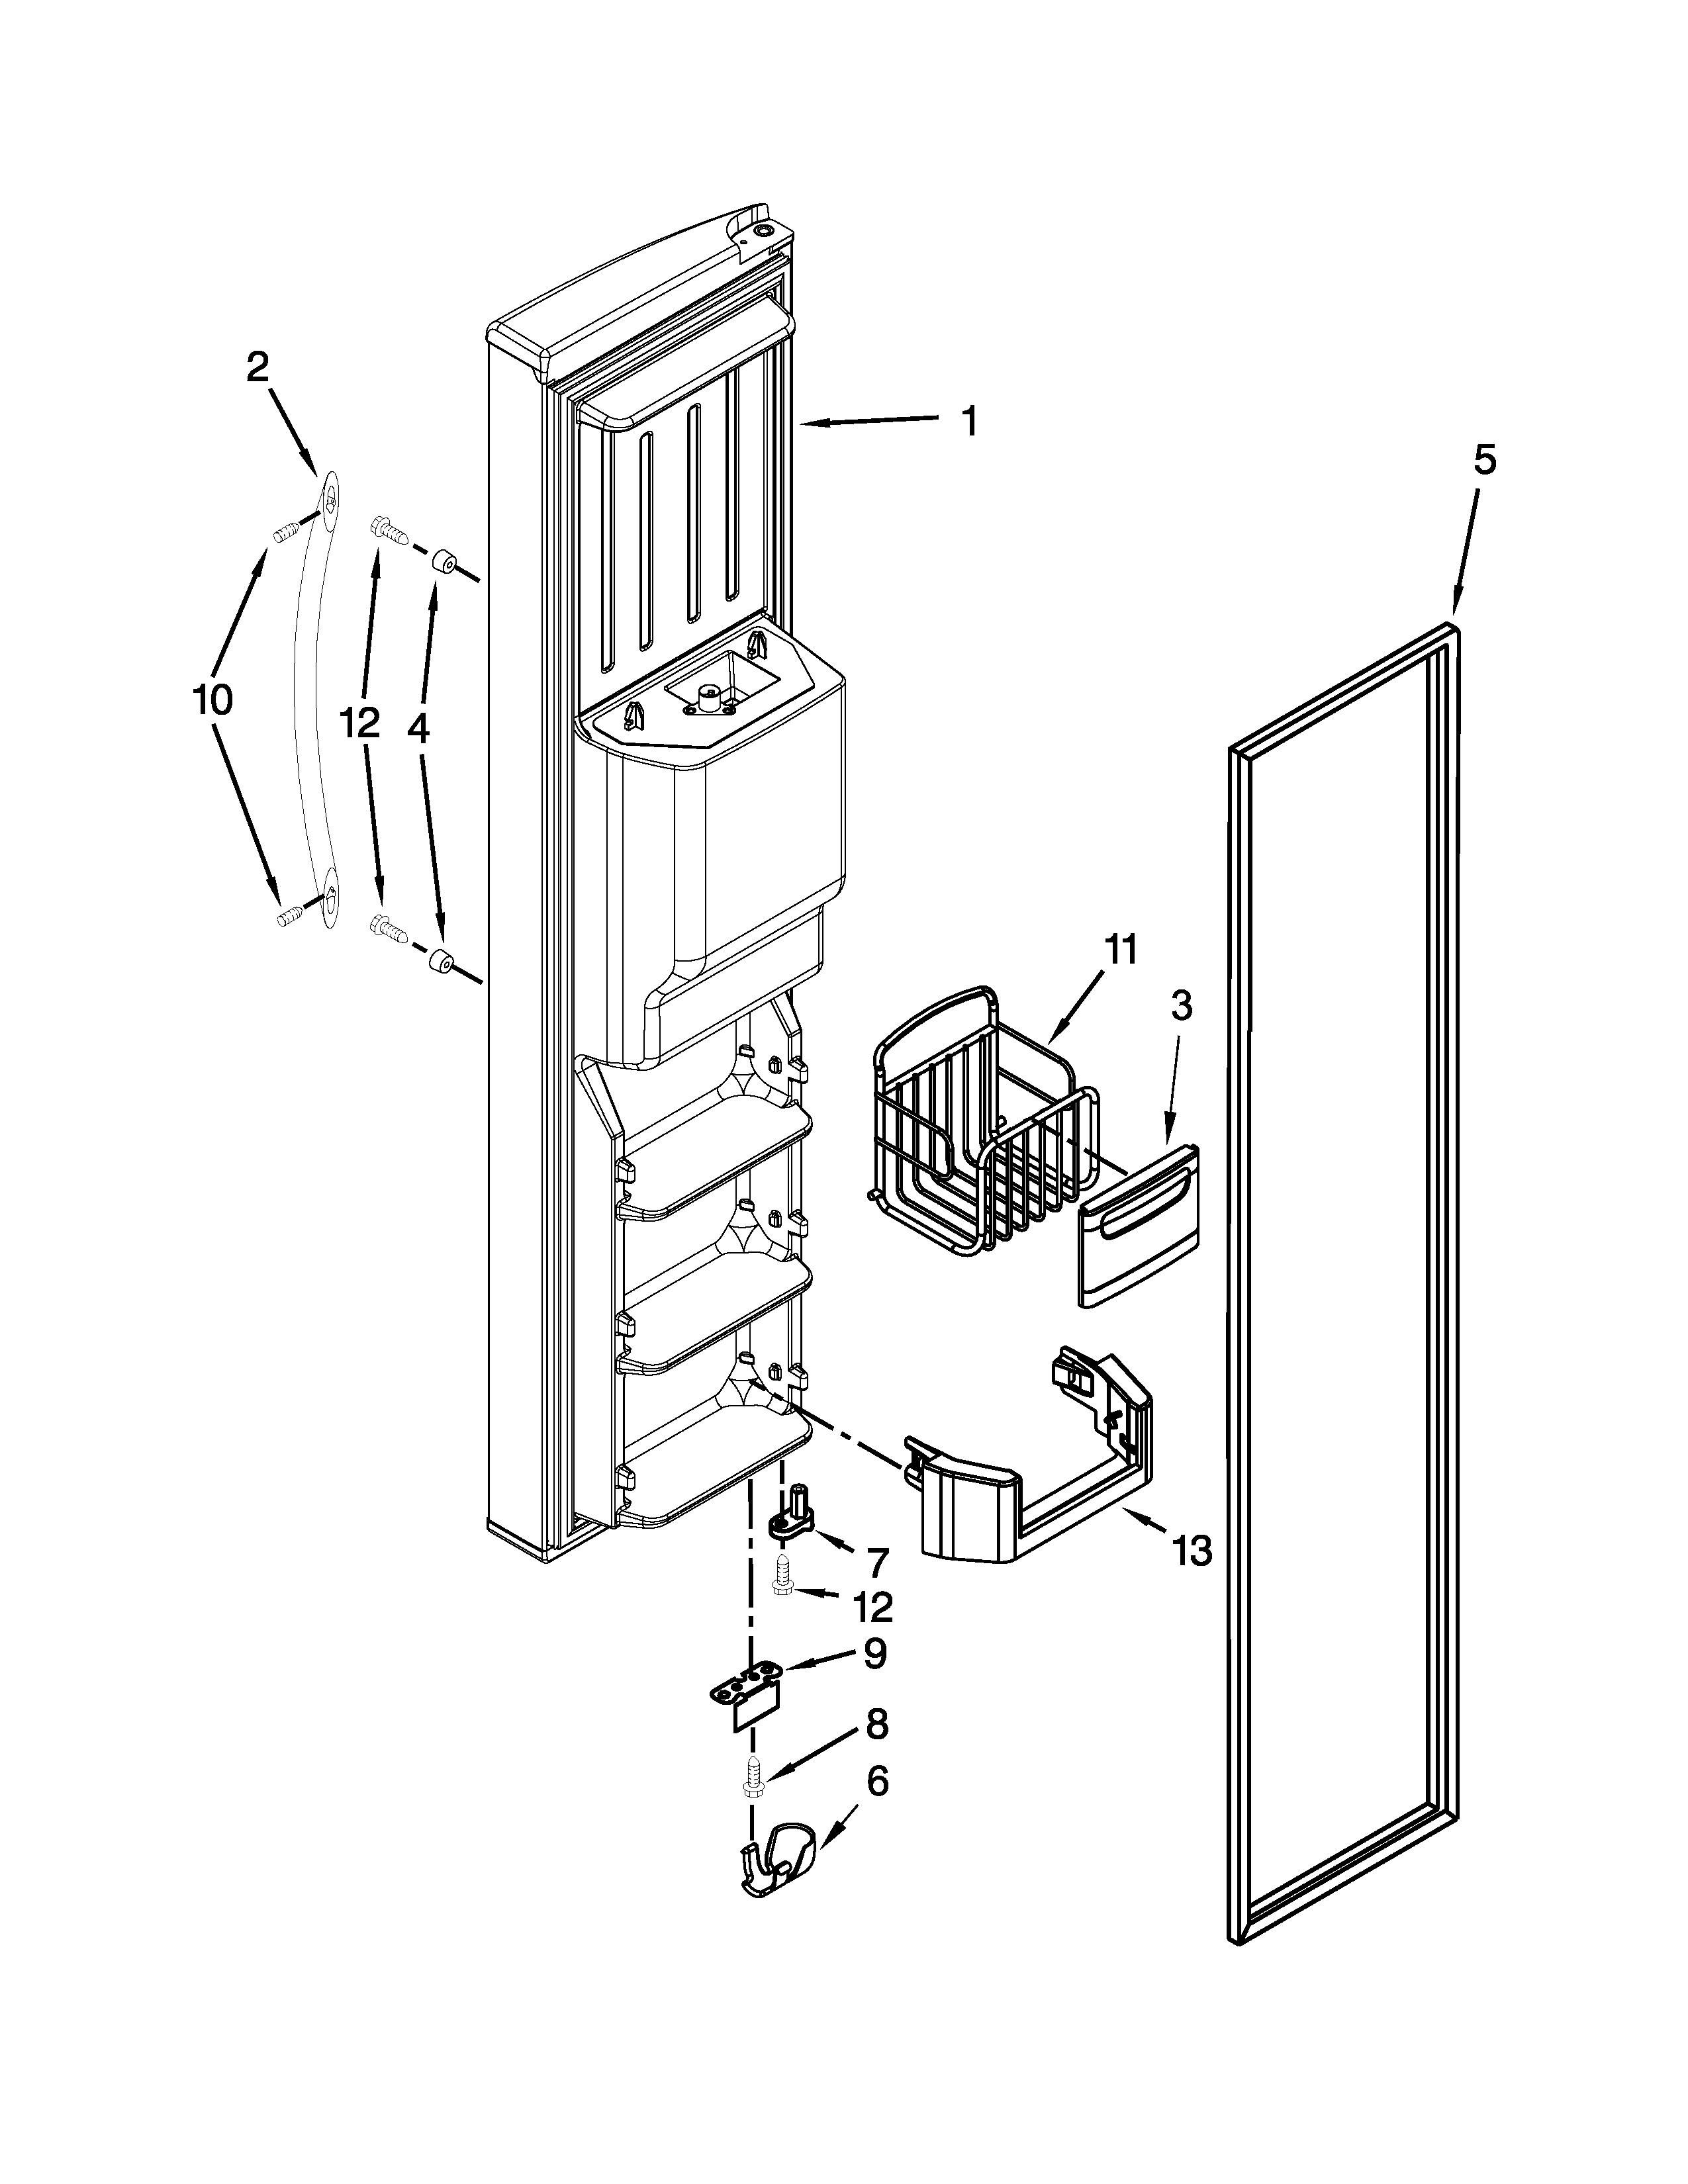 kenmore elite fridge 74902401 manual